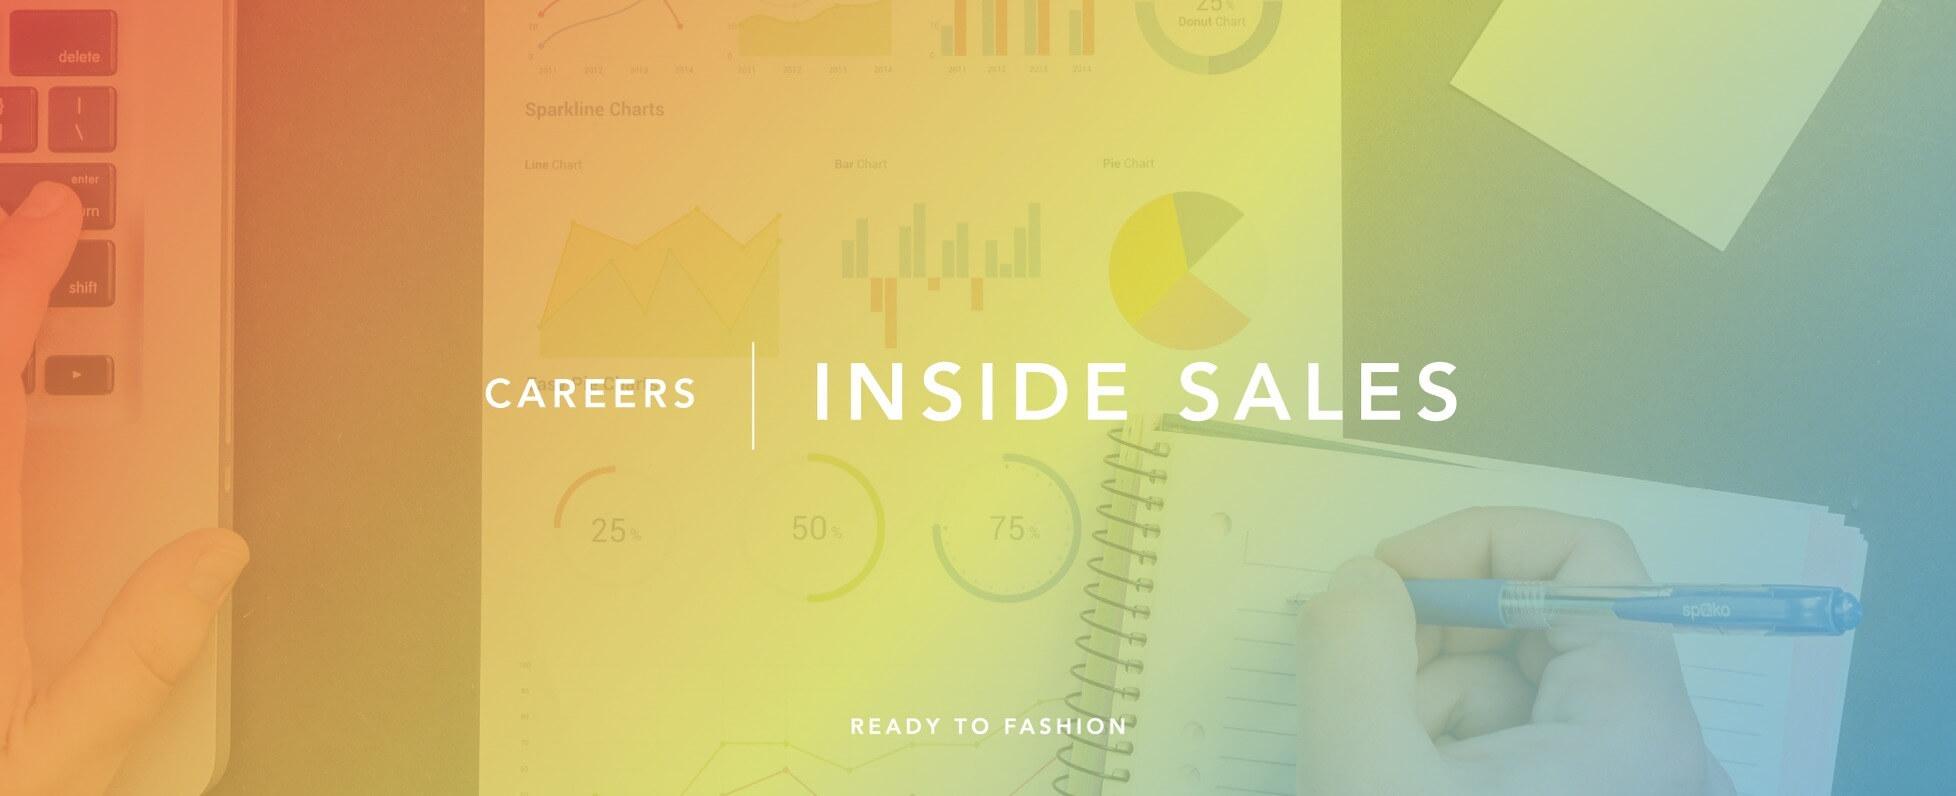 営業の推進力に!セールスを内側から加速させる、インサイドのマネジャー募集!のカバー写真